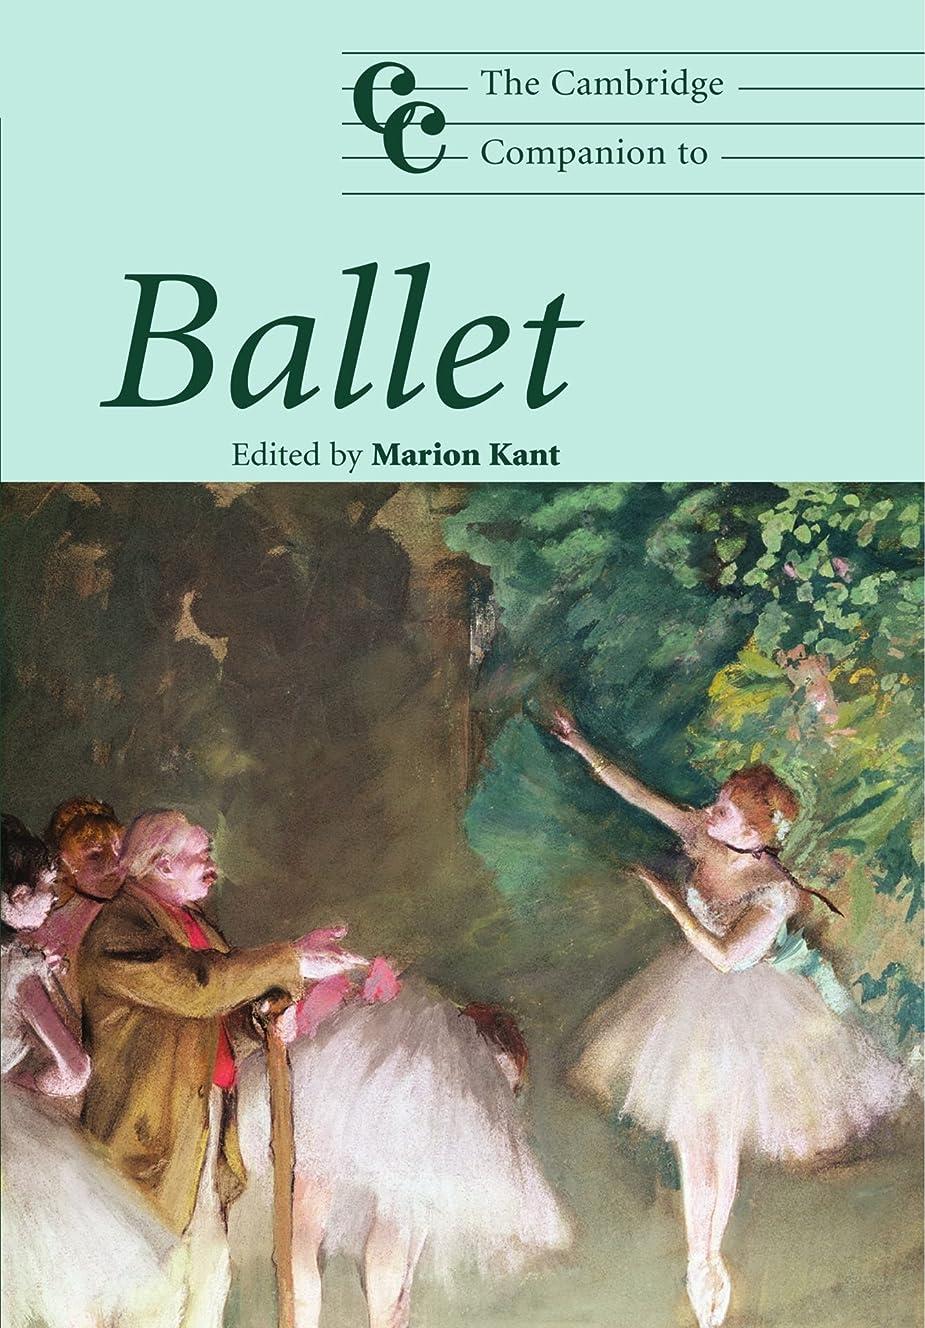 マネージャーアジアサバントThe Cambridge Companion to Ballet (Cambridge Companions to Music)